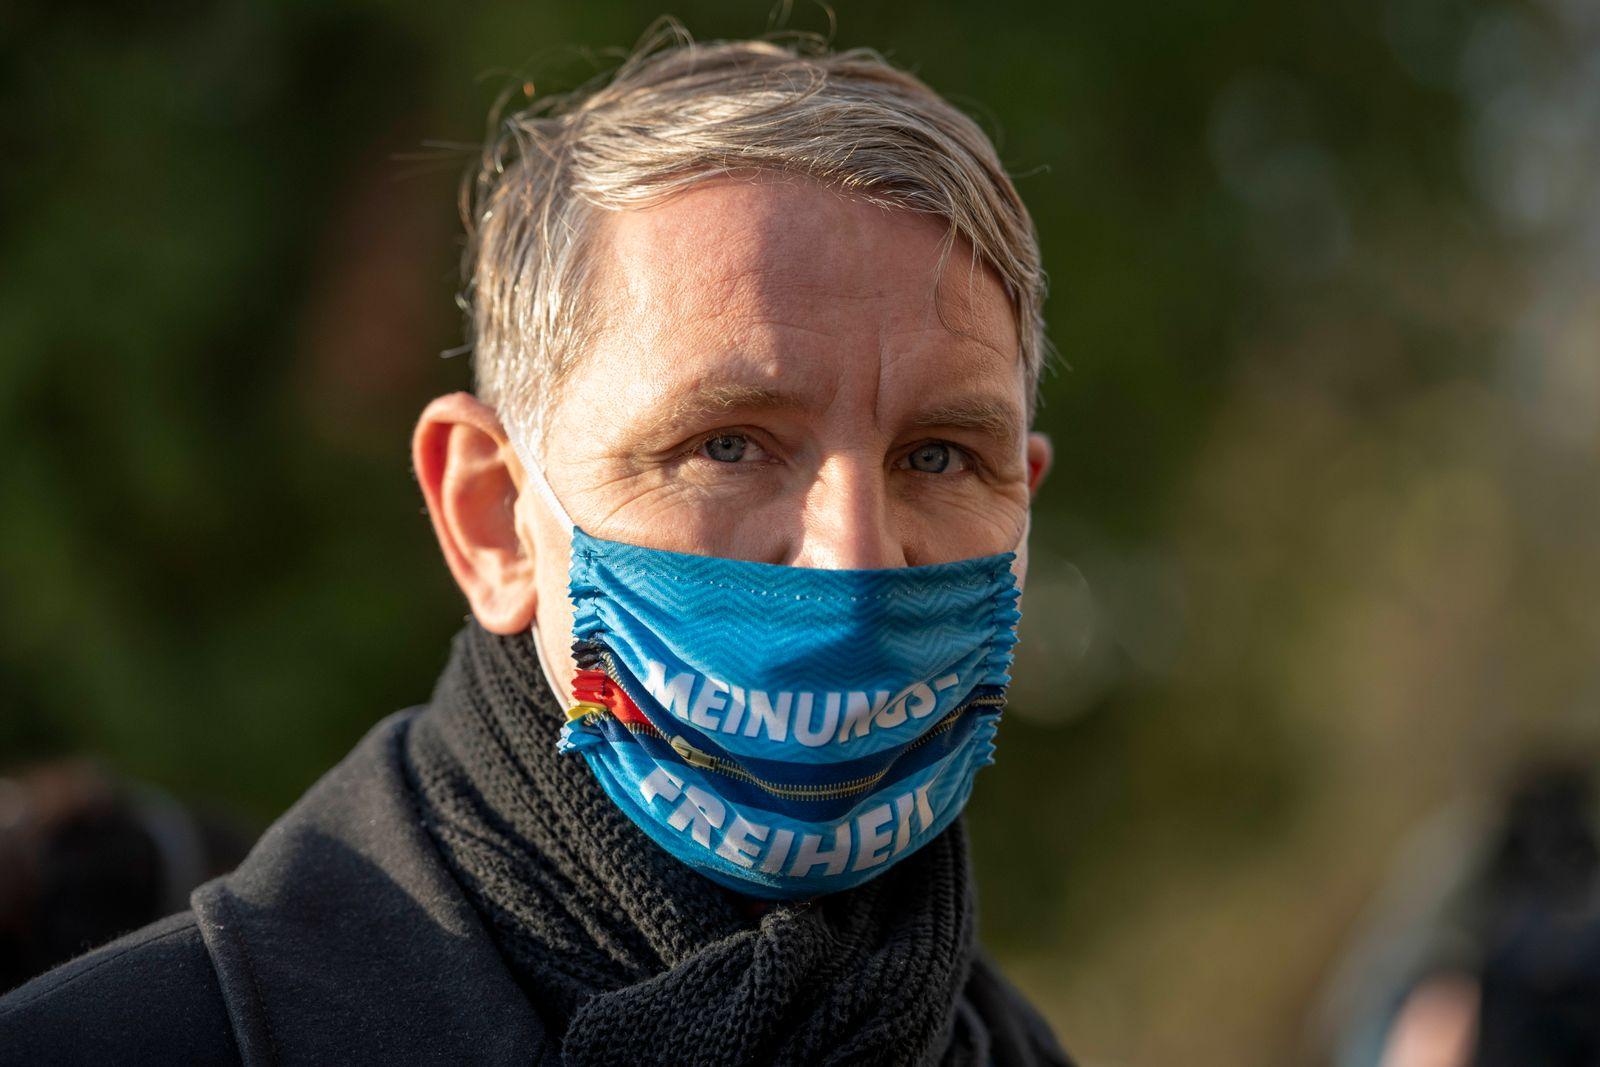 AFD THÜRINGEN LANDESPARTEITAG 21/11/2020 - Pfiffelbach: Björn Höcke (AfD) mit einem Mund-Nasen-Schutz vor dem Hotel Pfi